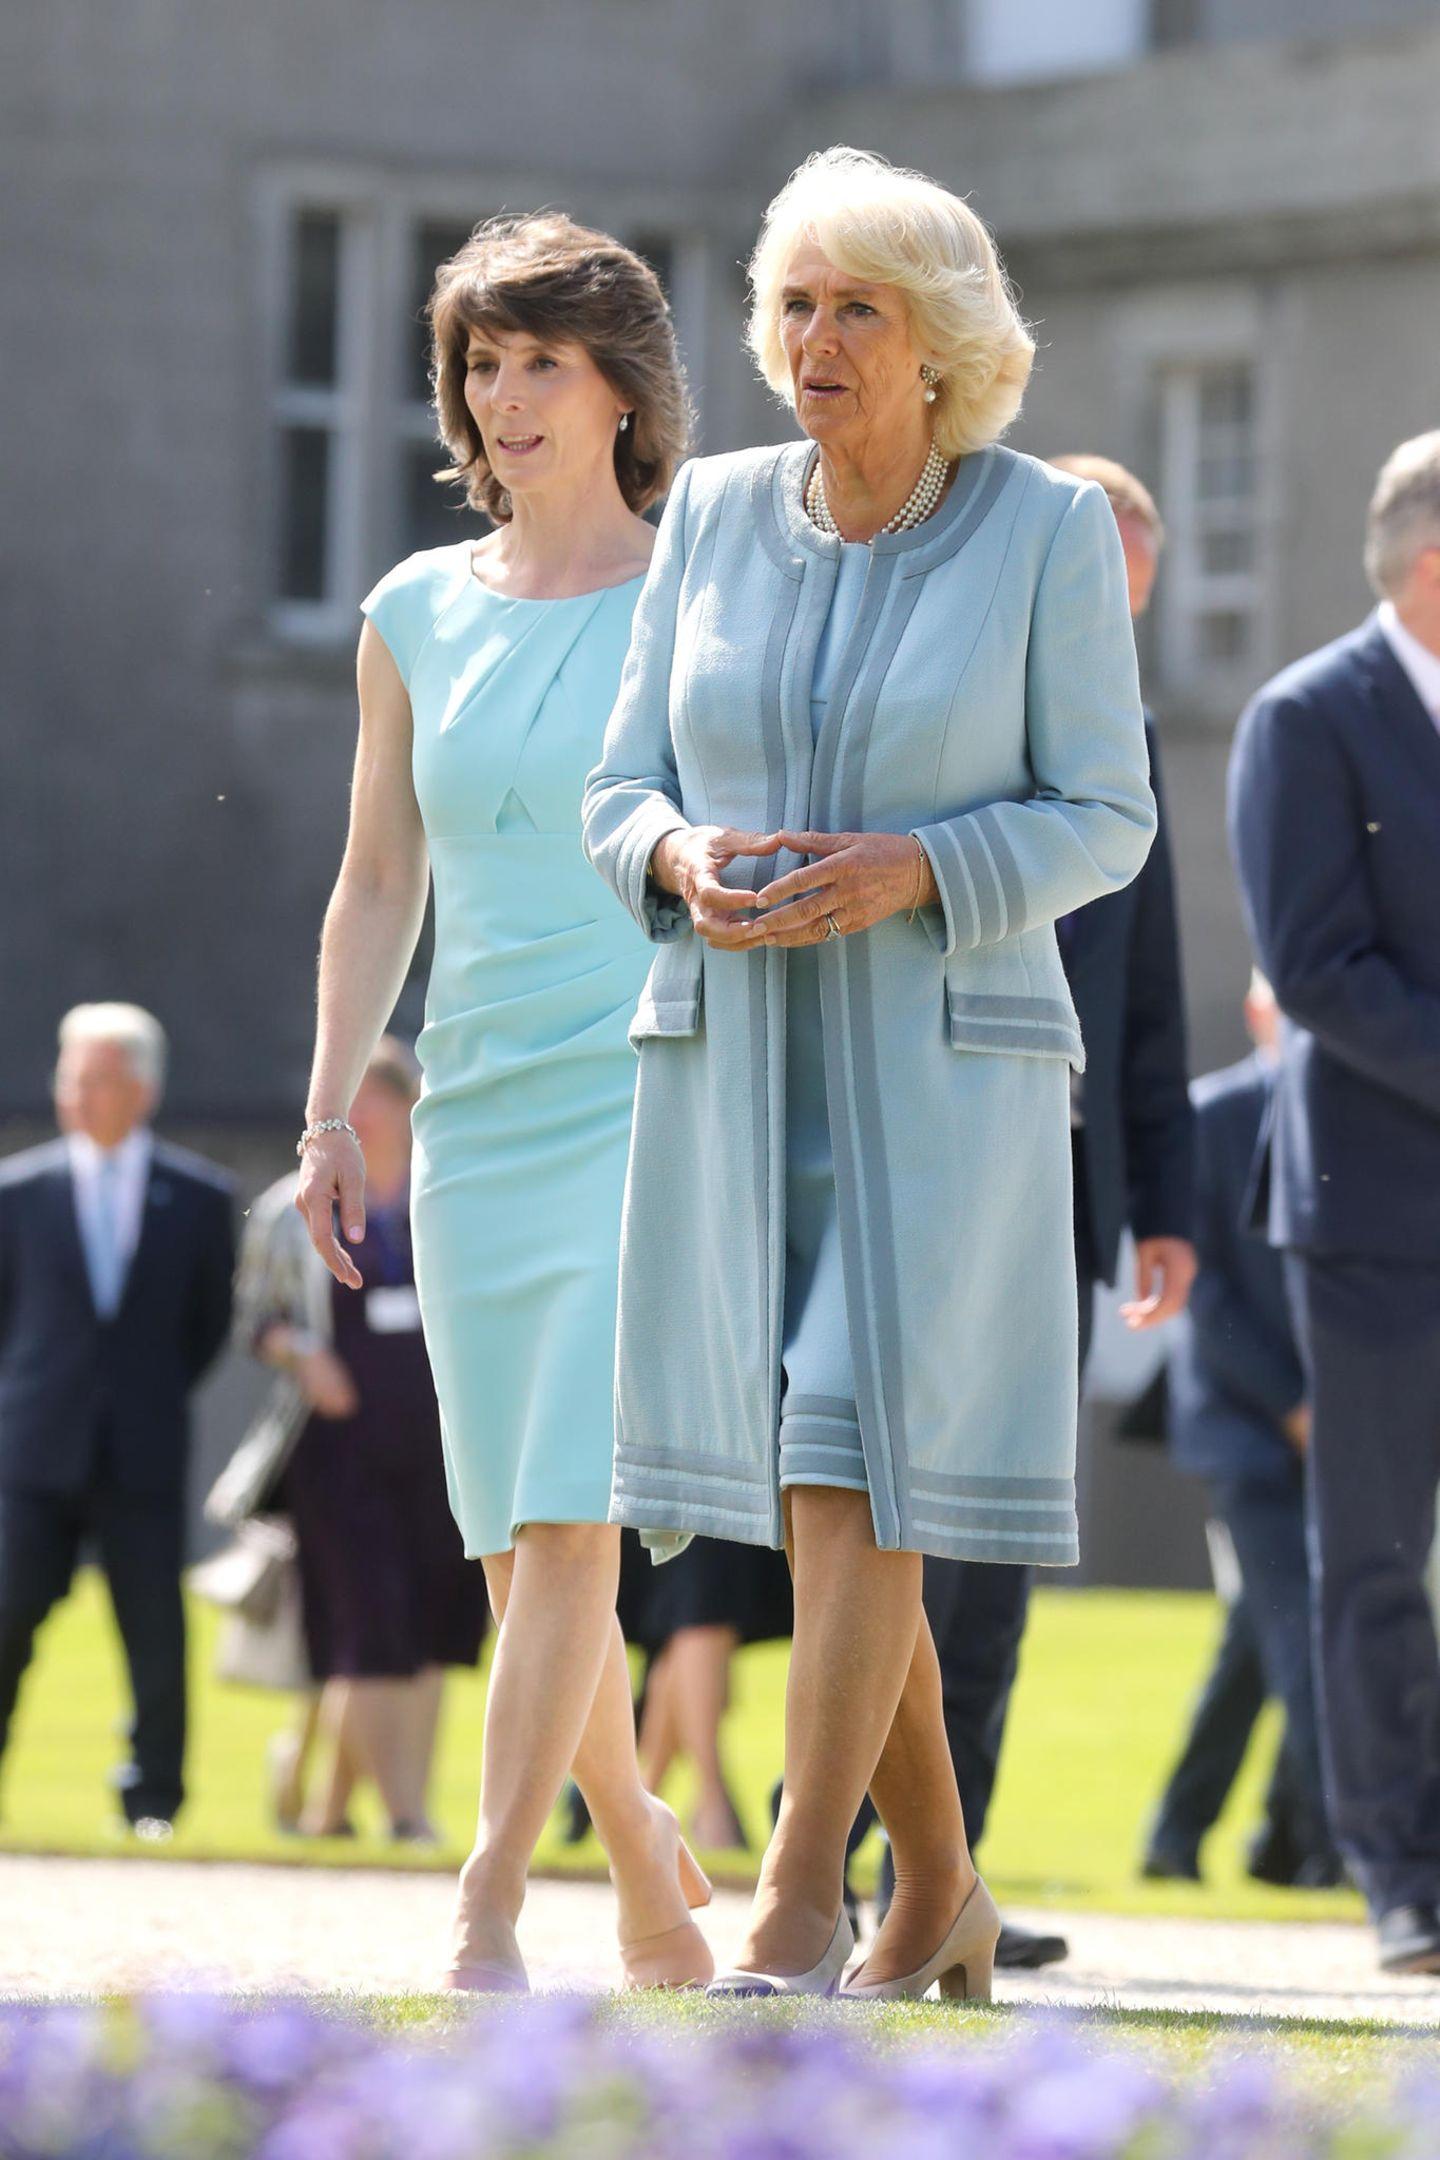 Bei ihrem zweitägigen Besuch in Irland setzt Herzogin Camilla auf elegante Pastellfarben und ihre geschätzten kragenlosen Mäntel. Eine gelungene Kombination!